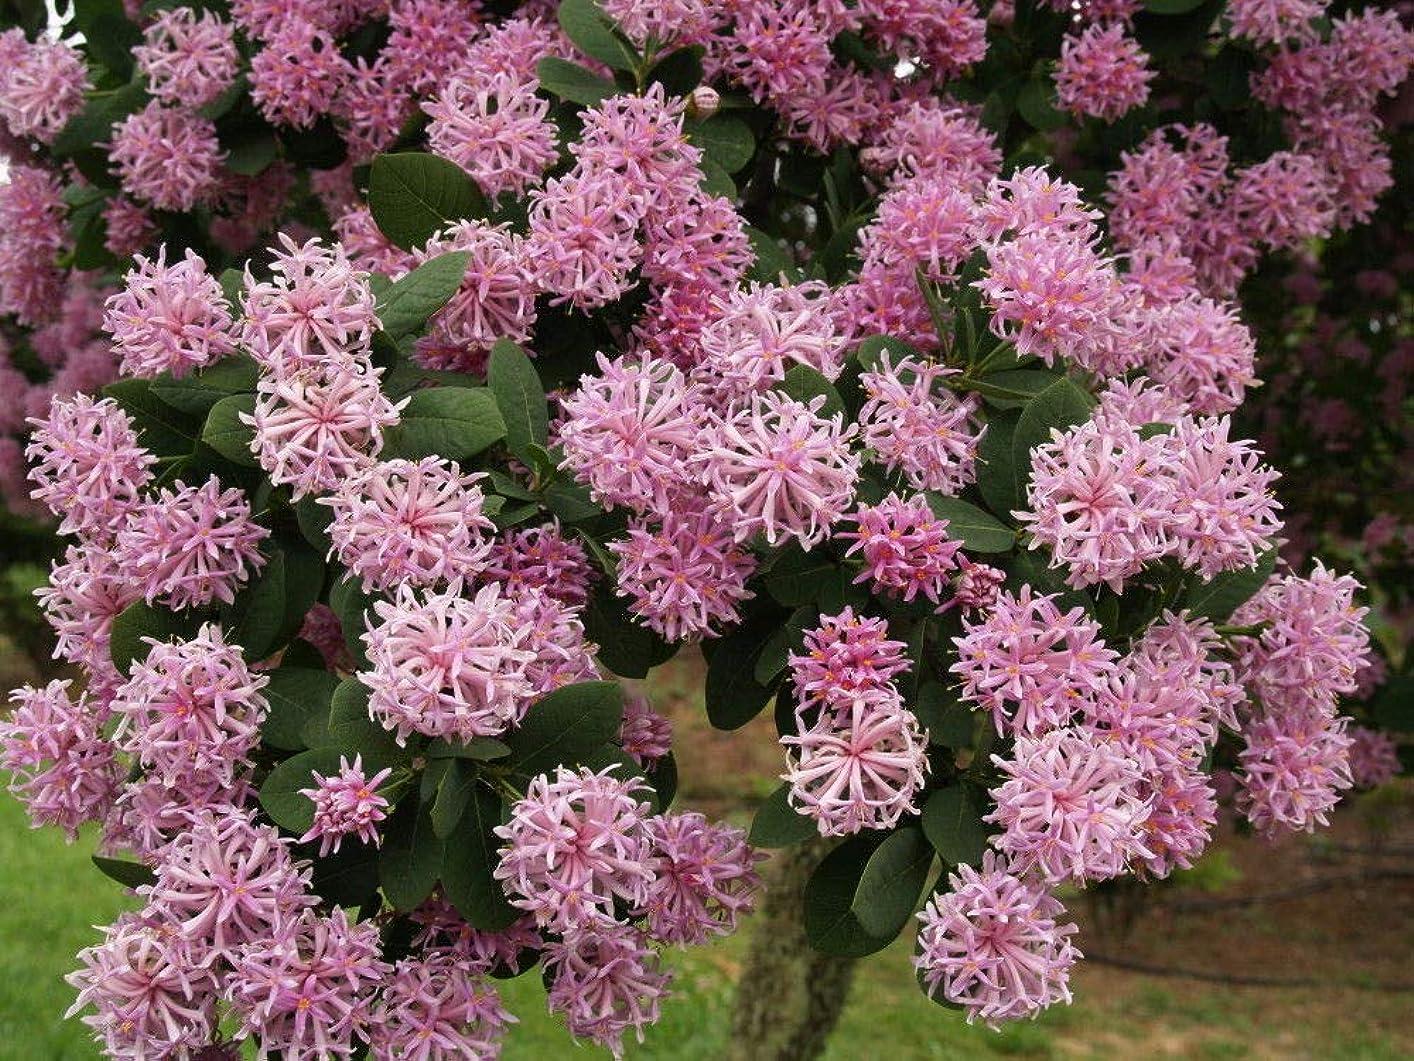 時計回り唯一カヌー15個の高座Cotinifolia種子、樹木の種子、ピンクッションツリー、トーチツリー.